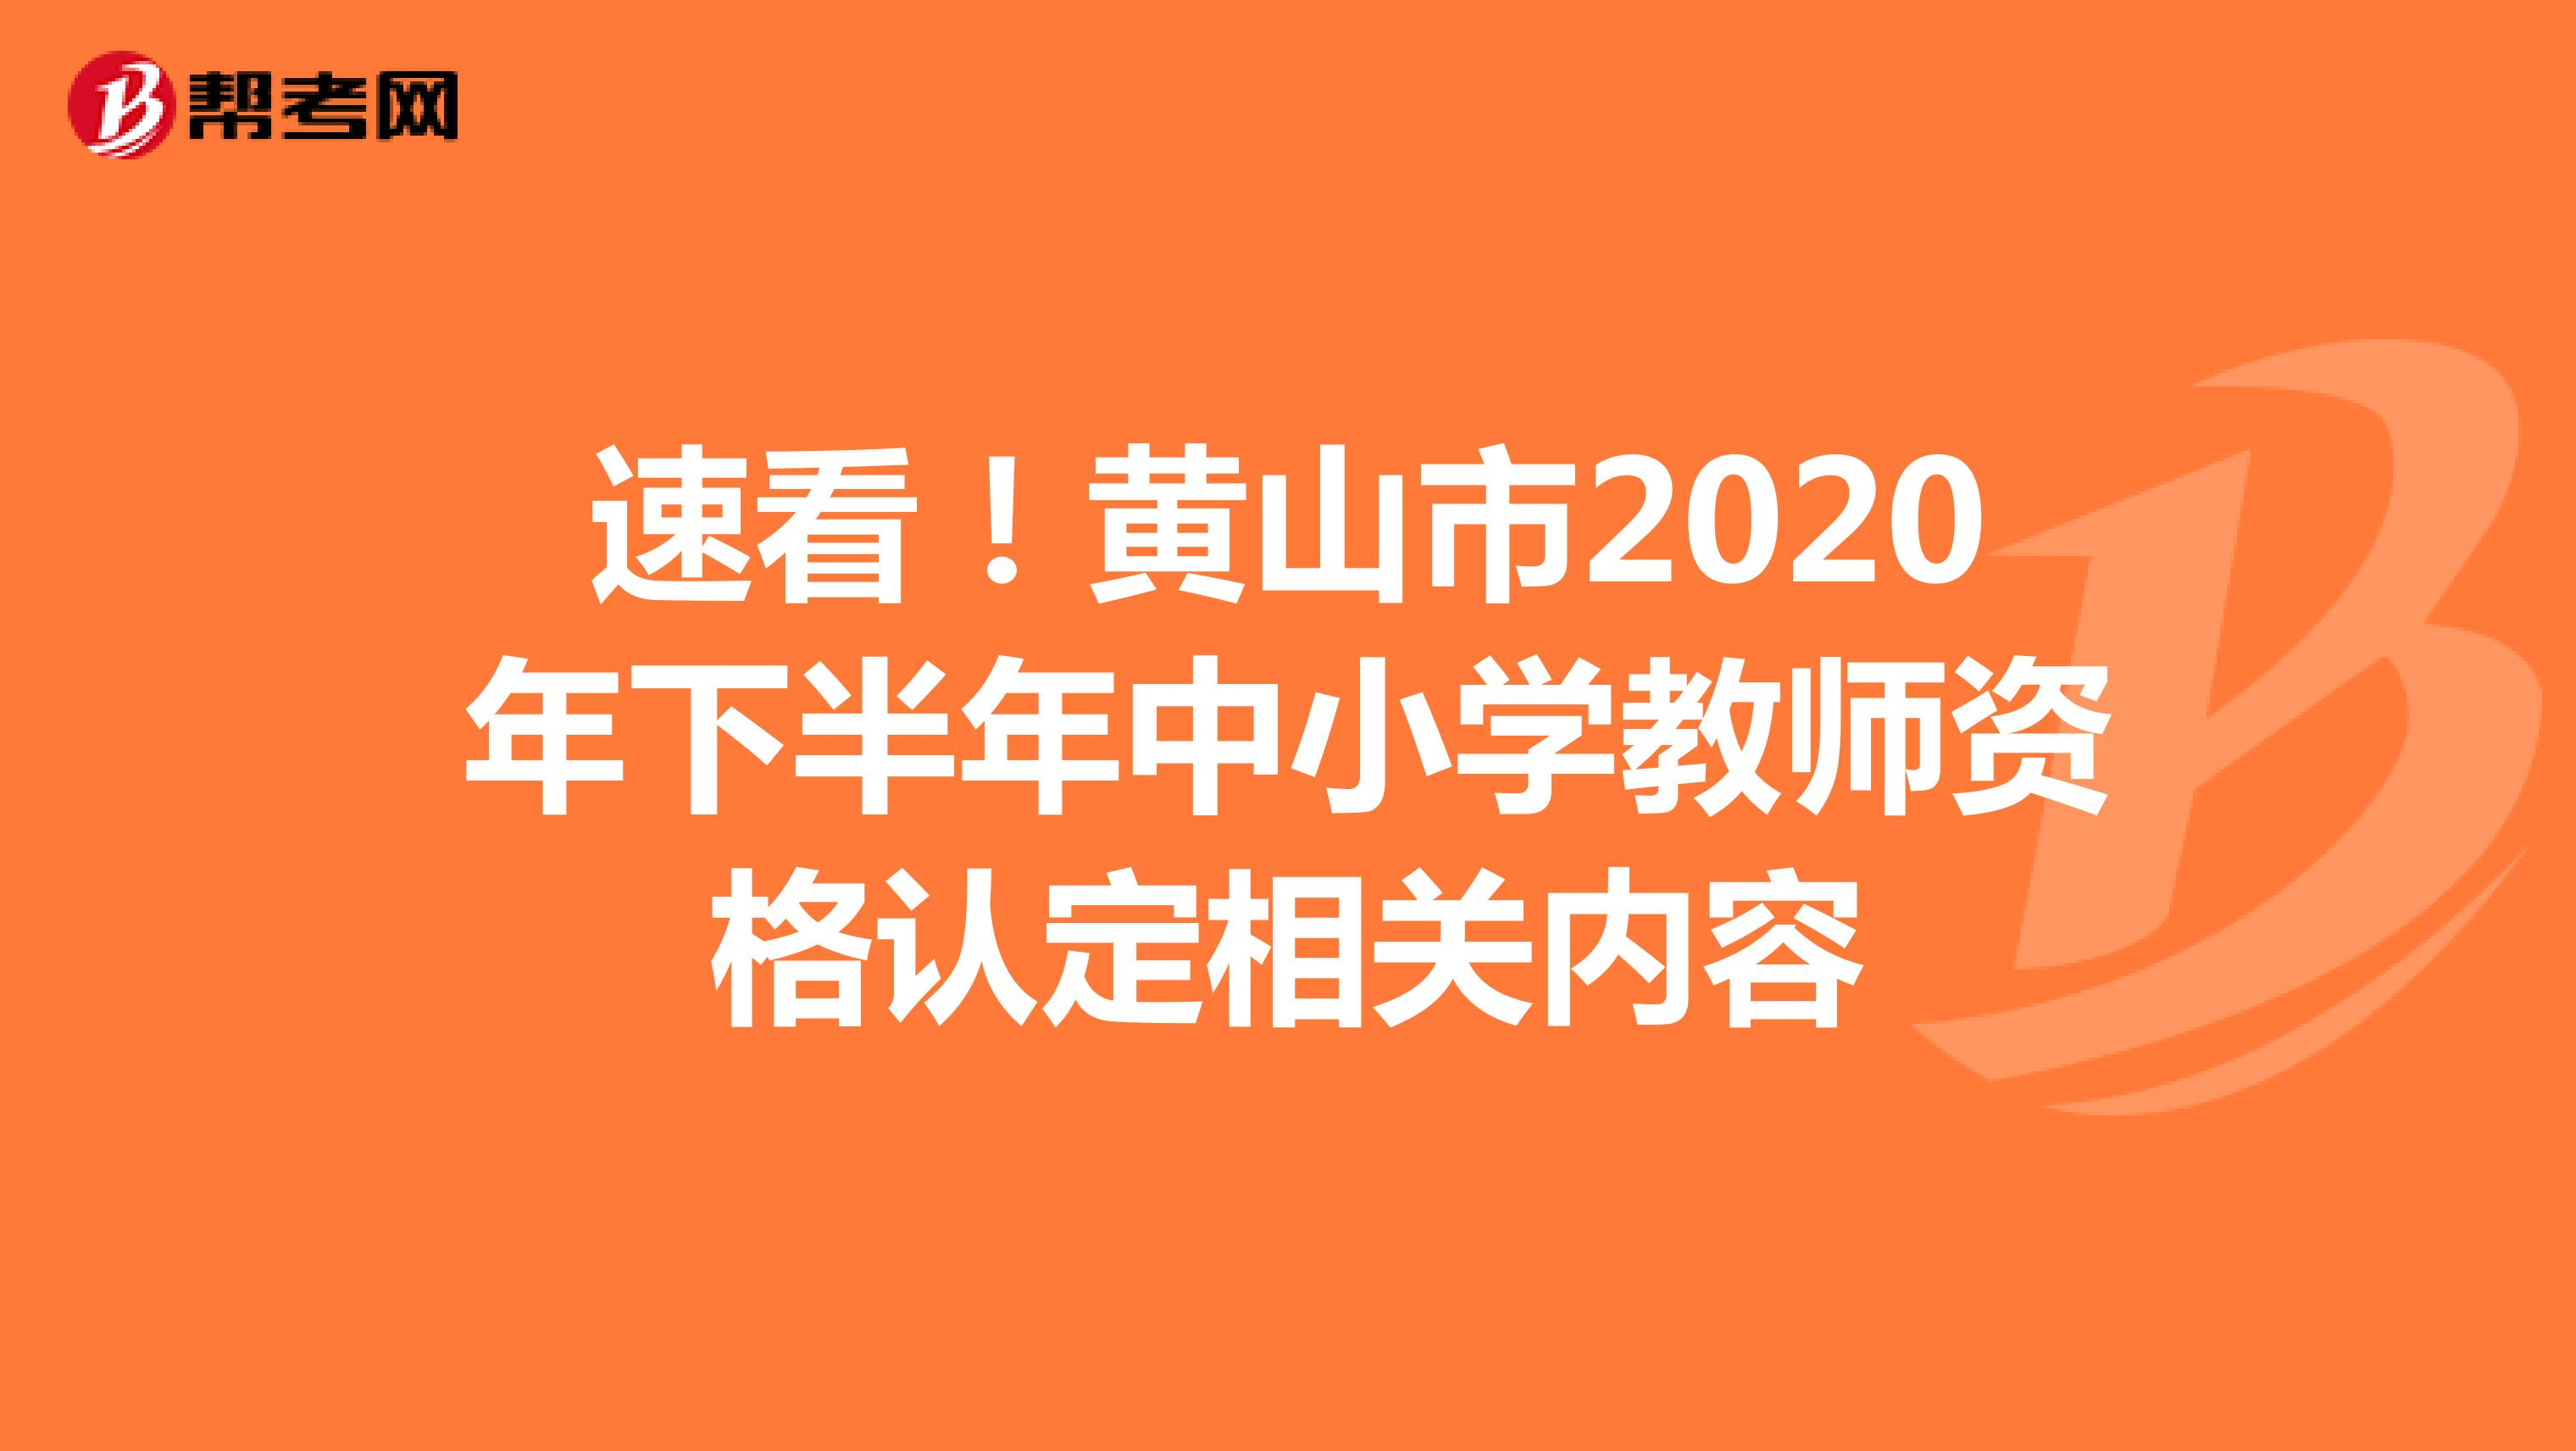 速看!黄山市2020年下半年中小学教师资格认定相关内容